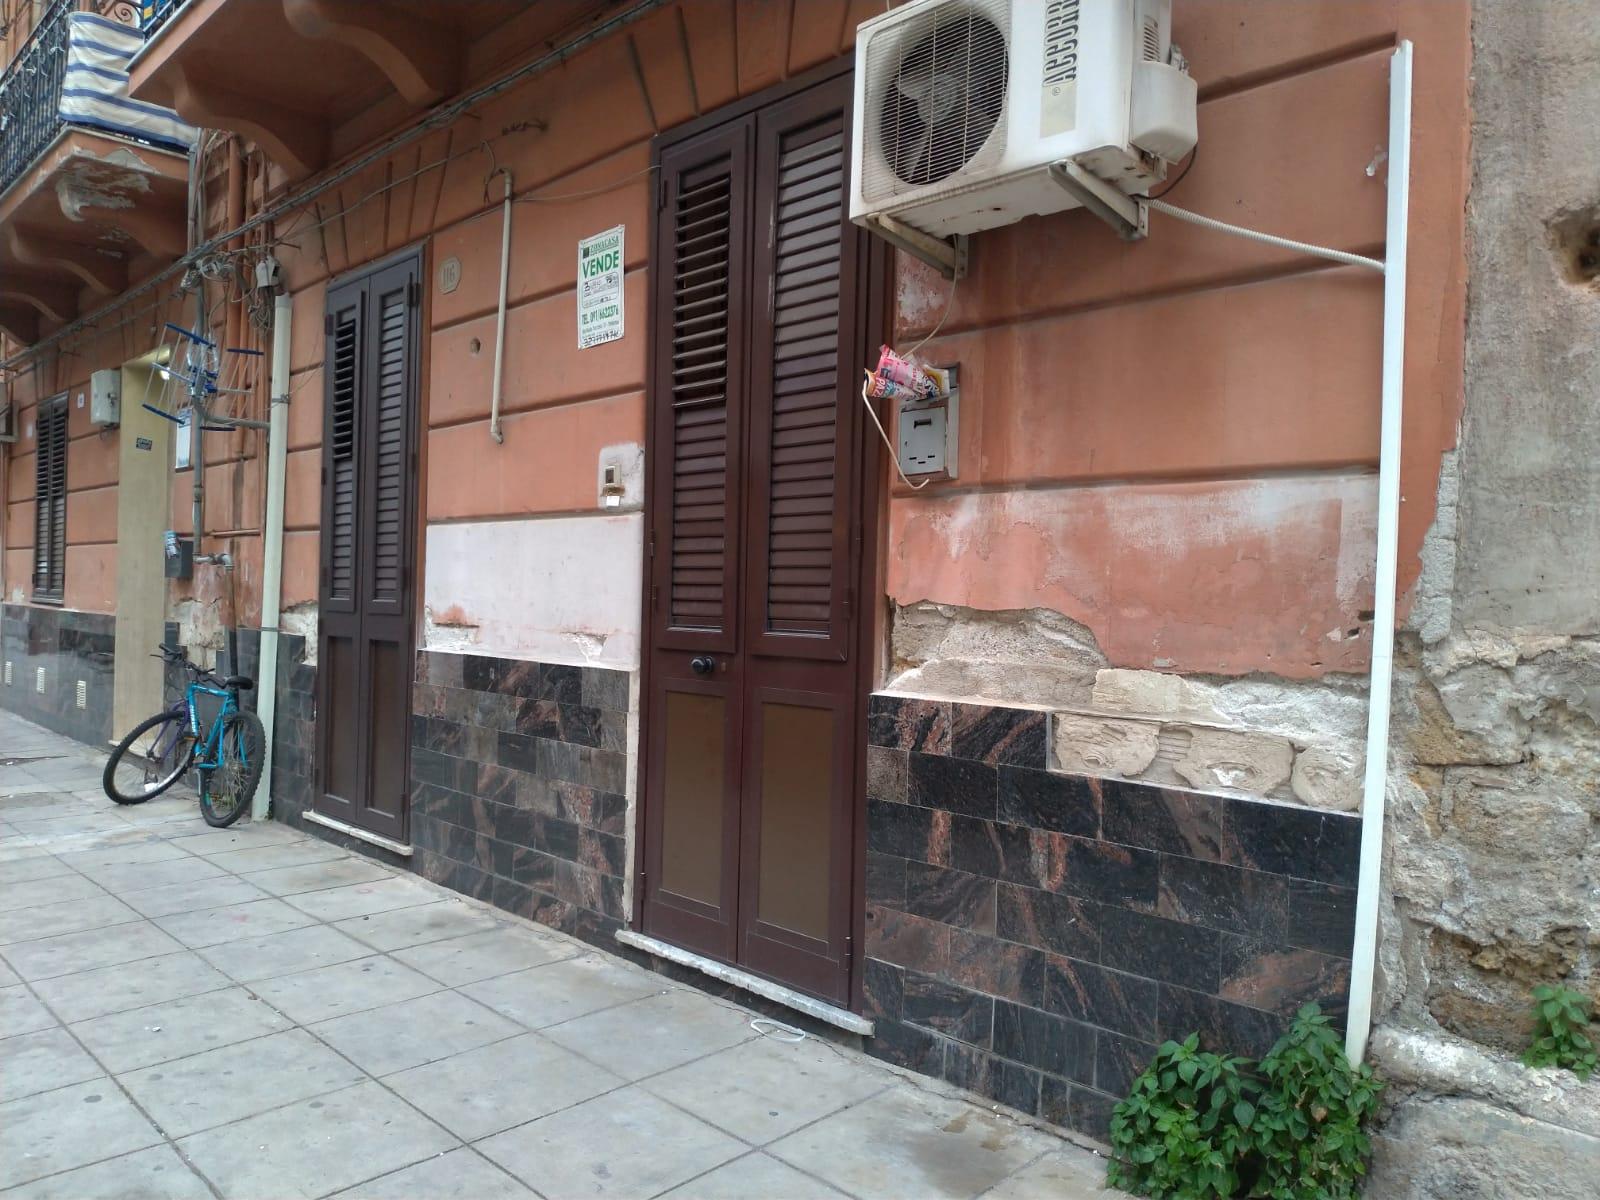 Mq 60 pressi policlinico/tukory/stazione Locato